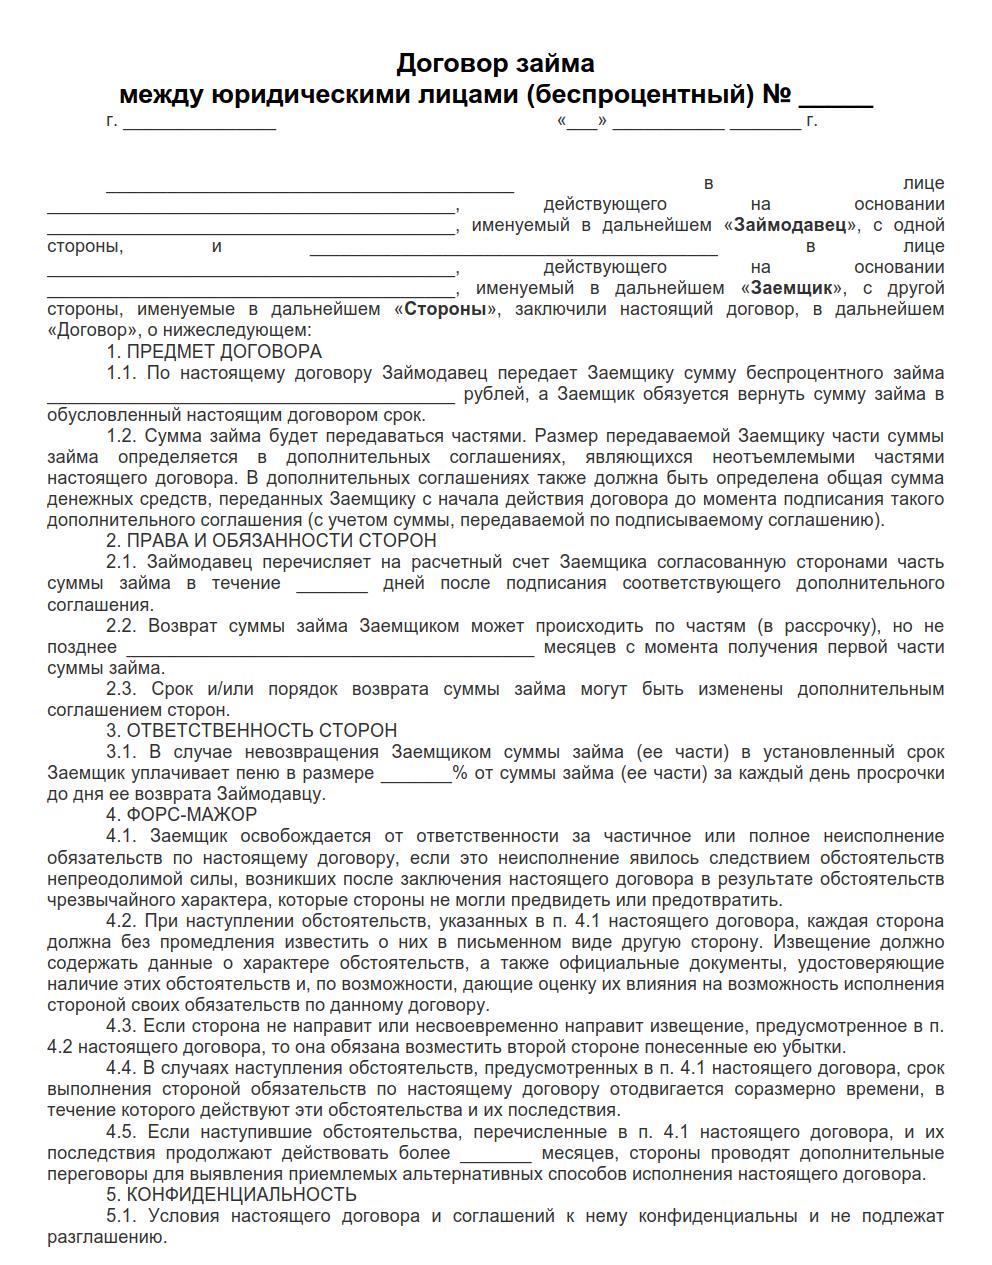 Договор займа между юр лицами процентный образец